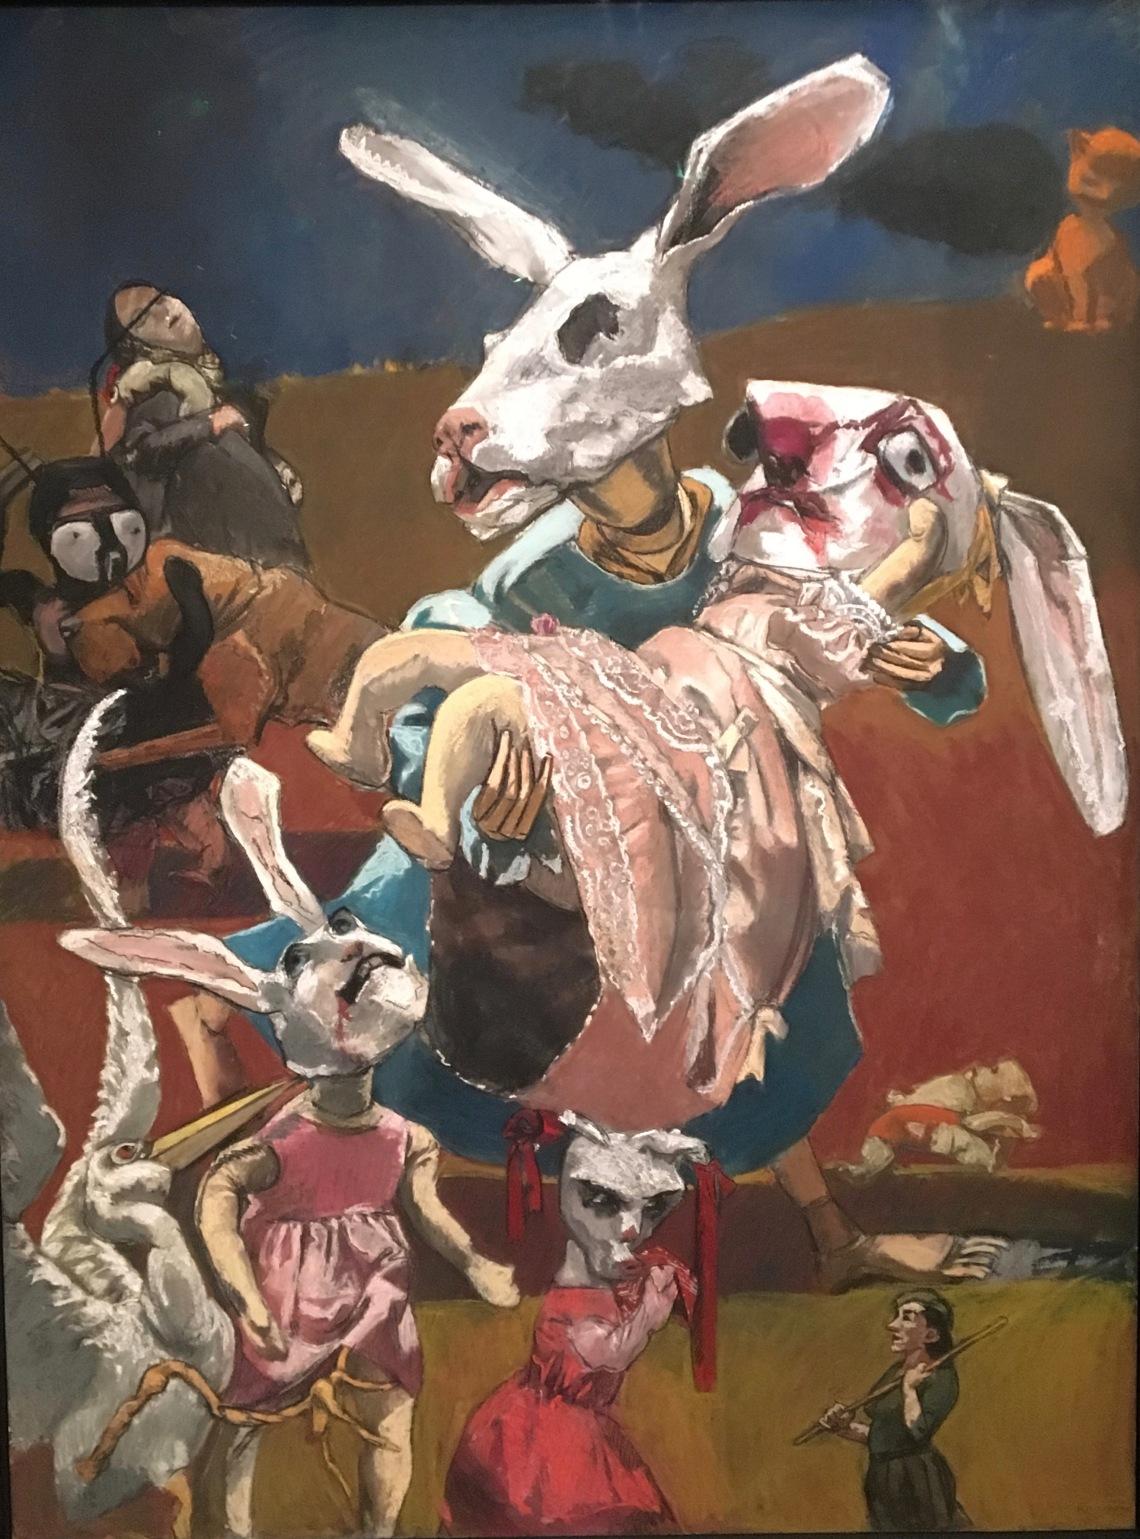 2. Paula Rego, War, 2003, pastel sur papier monté sur aluminium. London Tate